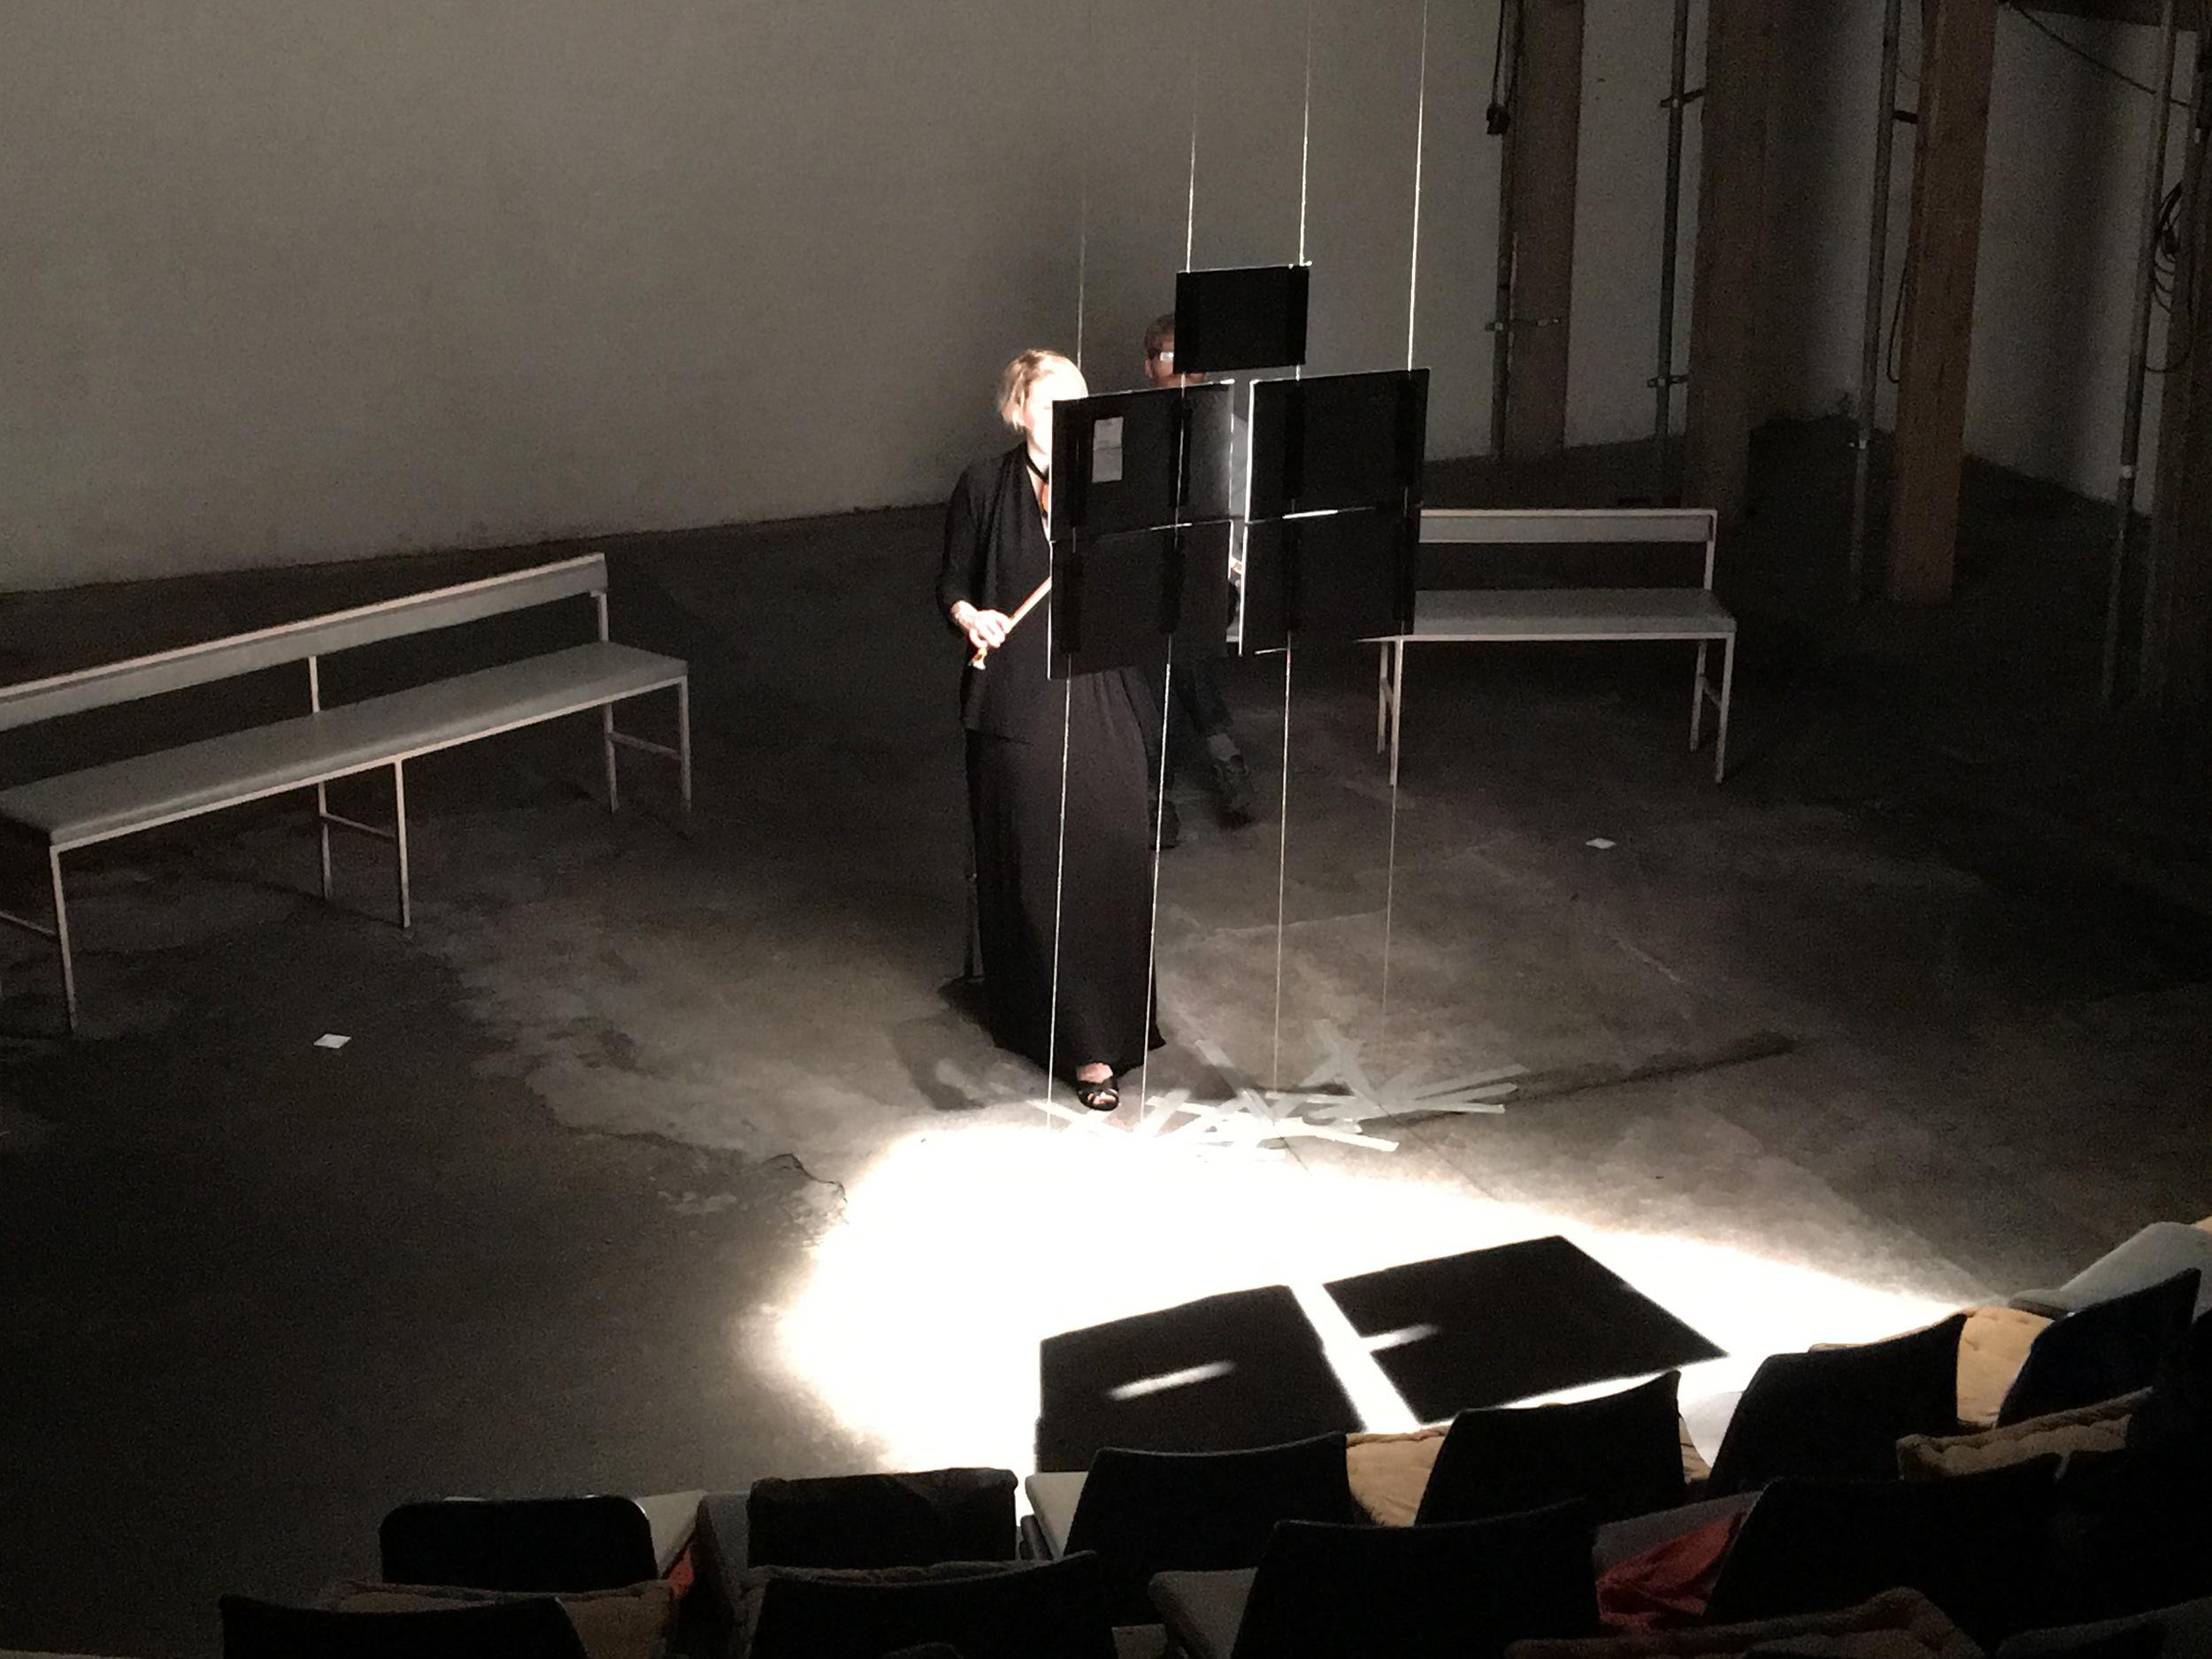 [kiss] in performance at the Yard Theatre, London, 29.05.16. Emma Lloyd, violin.